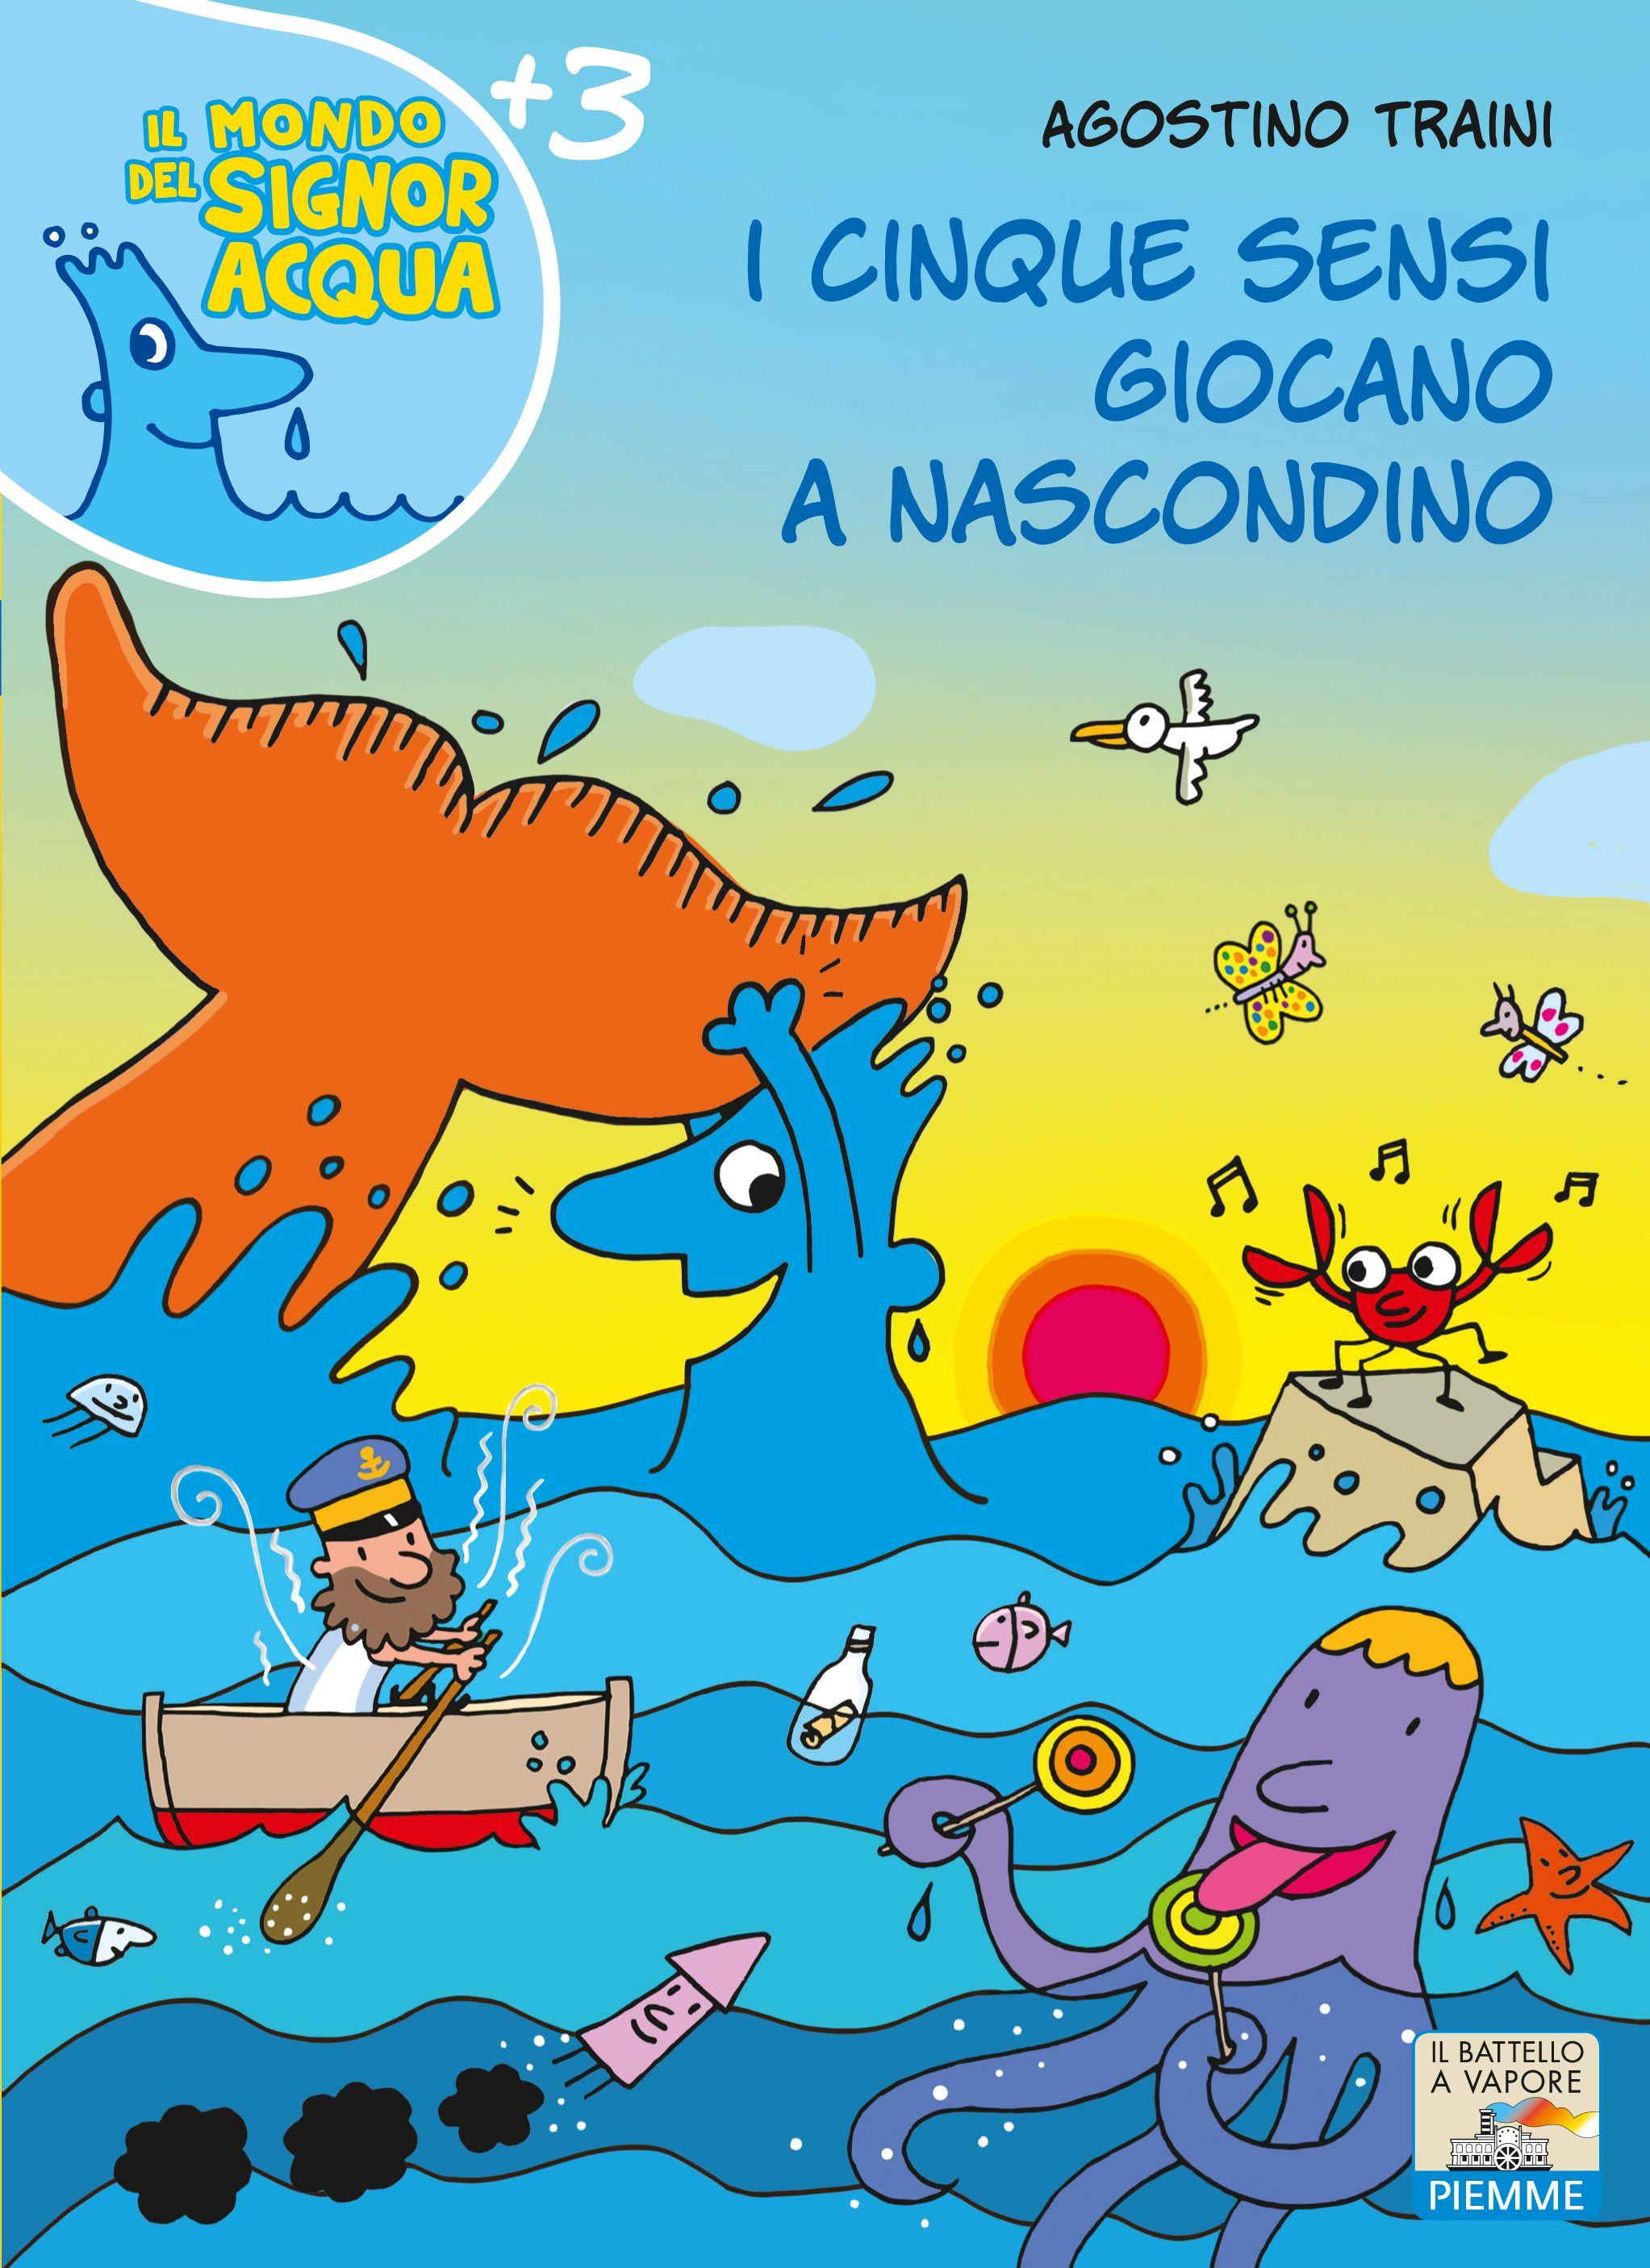 """""""I cinque sensi giocano a nascondino"""" di Agostino Traini. Dal 26 febbraio in libreria. Piemme editore. Il signor Acqua gioca a nascondino con i suoi amici, ma di colpo arriva la Nebbia e non vede più niente.  http://www.gliamantideilibri.it/archives/17776"""